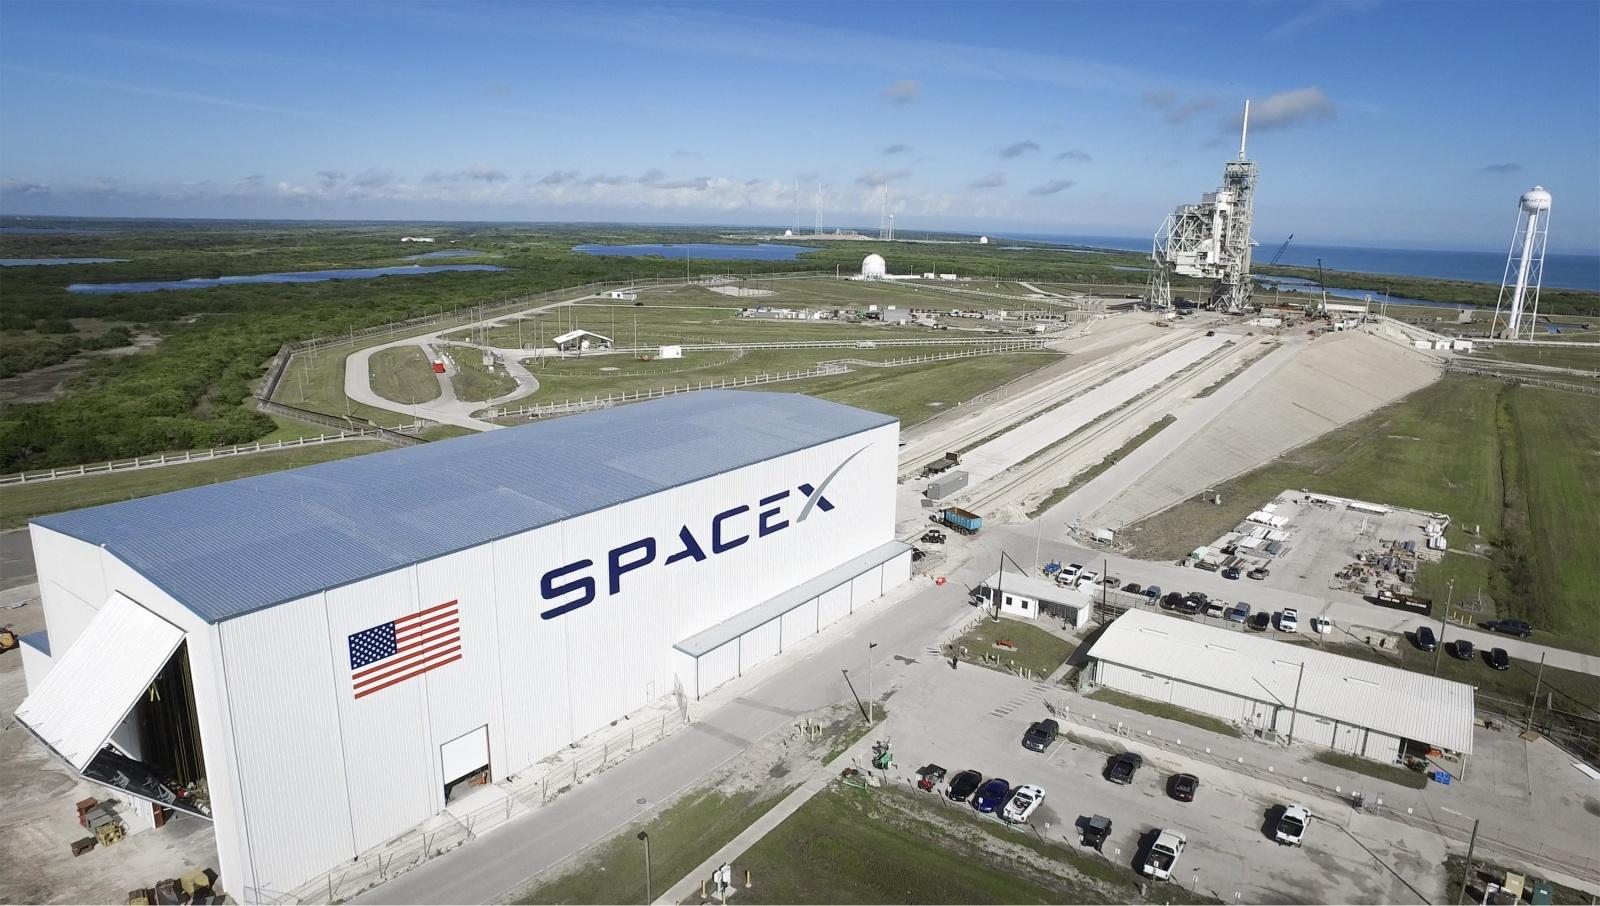 Военные США оценили низкую стоимость отправки грузов в космос транспортом от SpaceX - 1